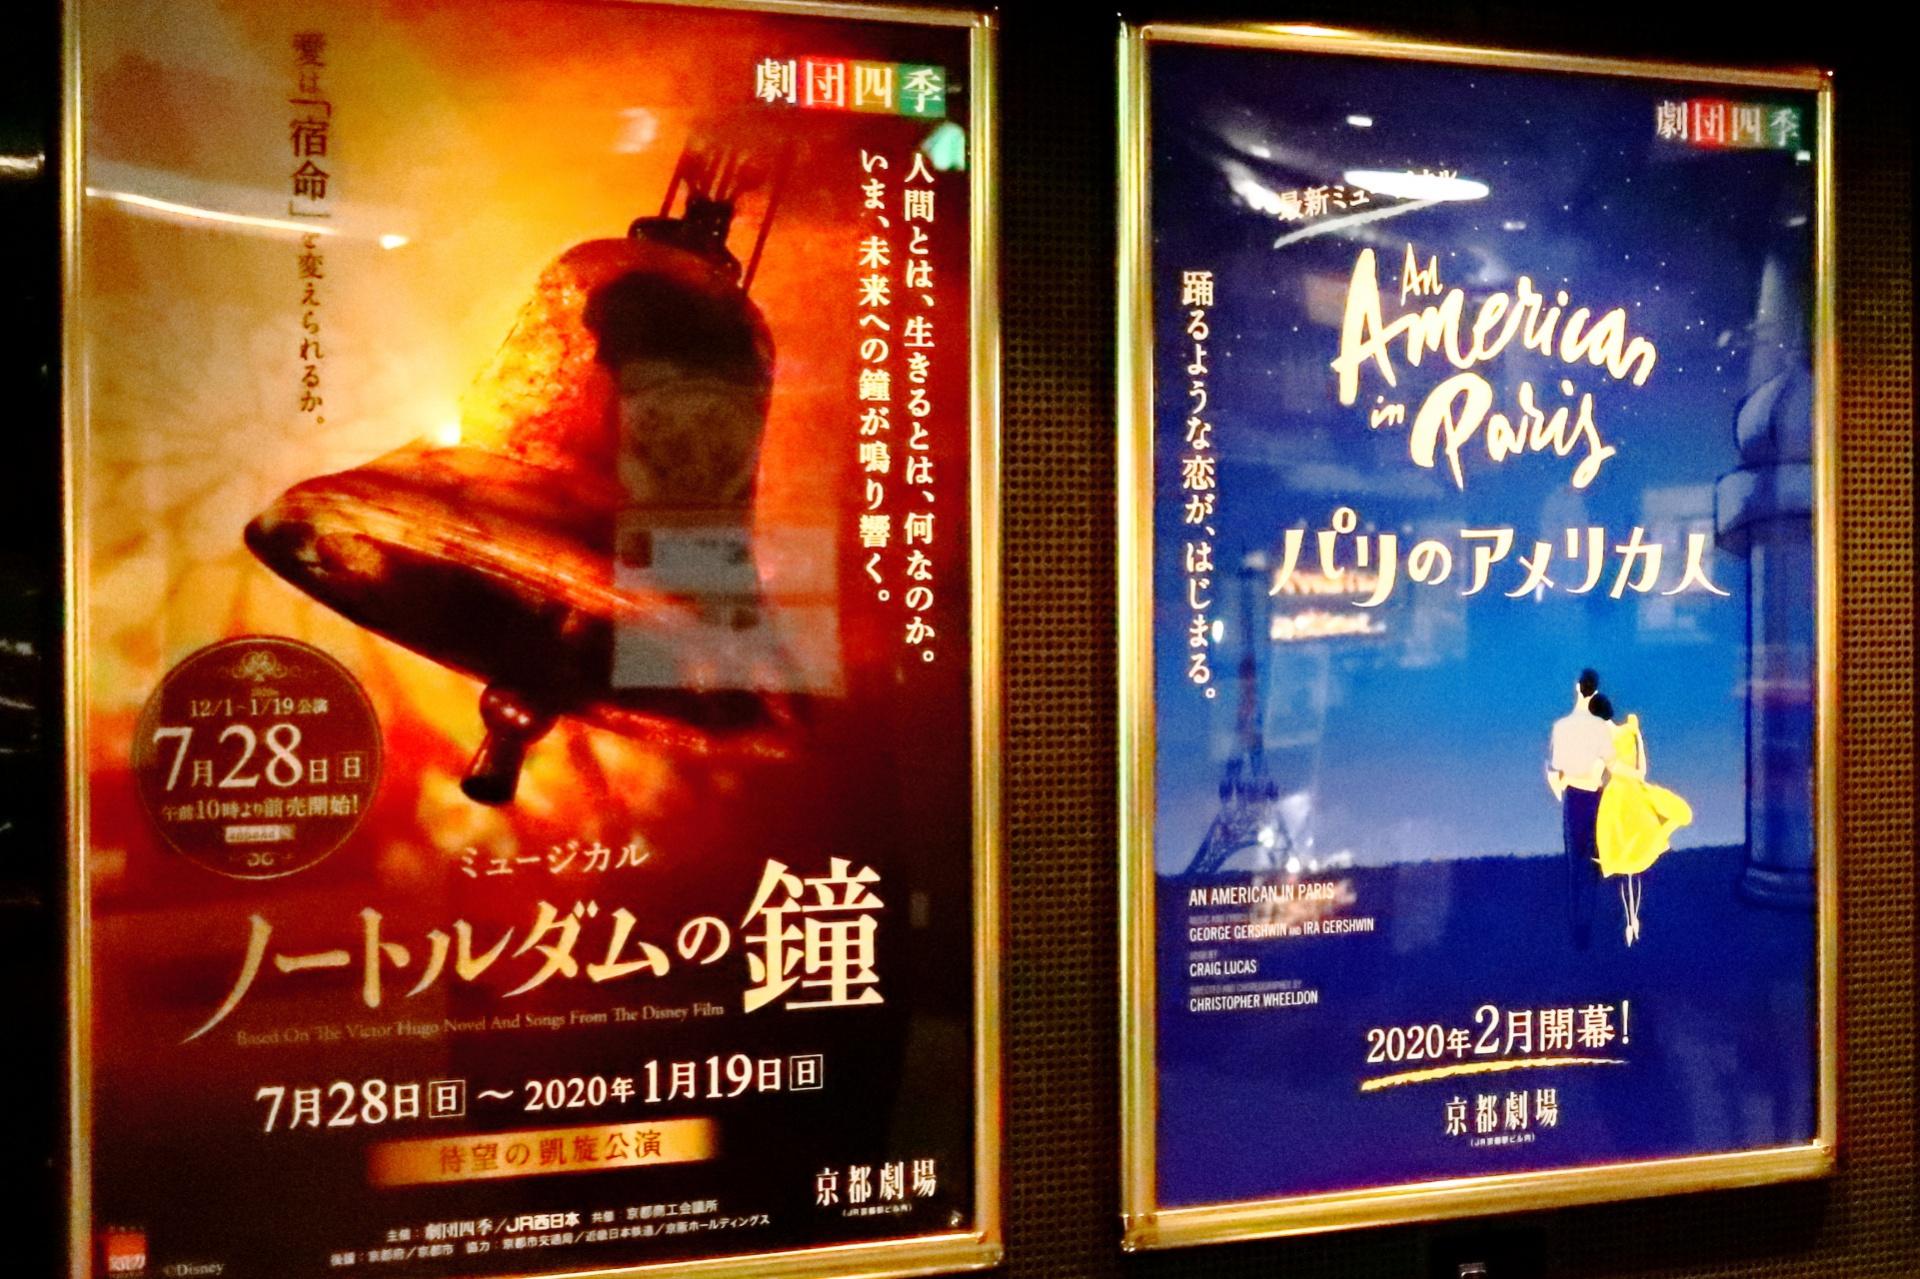 劇団四季「パリのアメリカ人」京都劇場 2020年2月22日(土)〜5月17日(日)